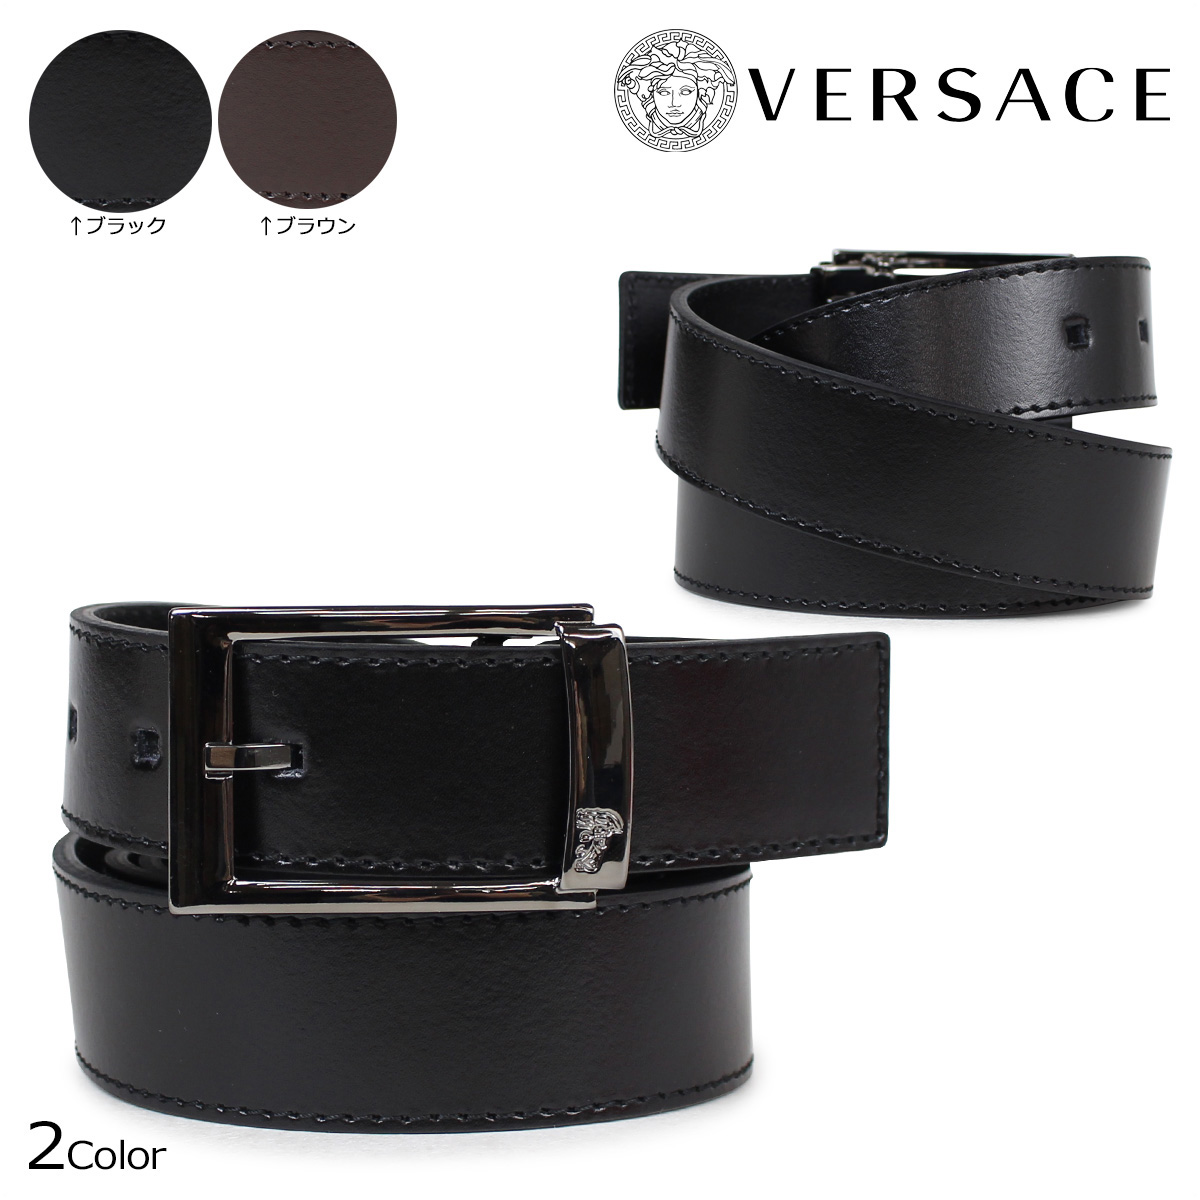 VERSACE ヴェルサーチ ベルト ベルサーチ メンズ 本革 レザーベルト ブラック ブラウン イタリア製 カジュアル ビジネス V91178S